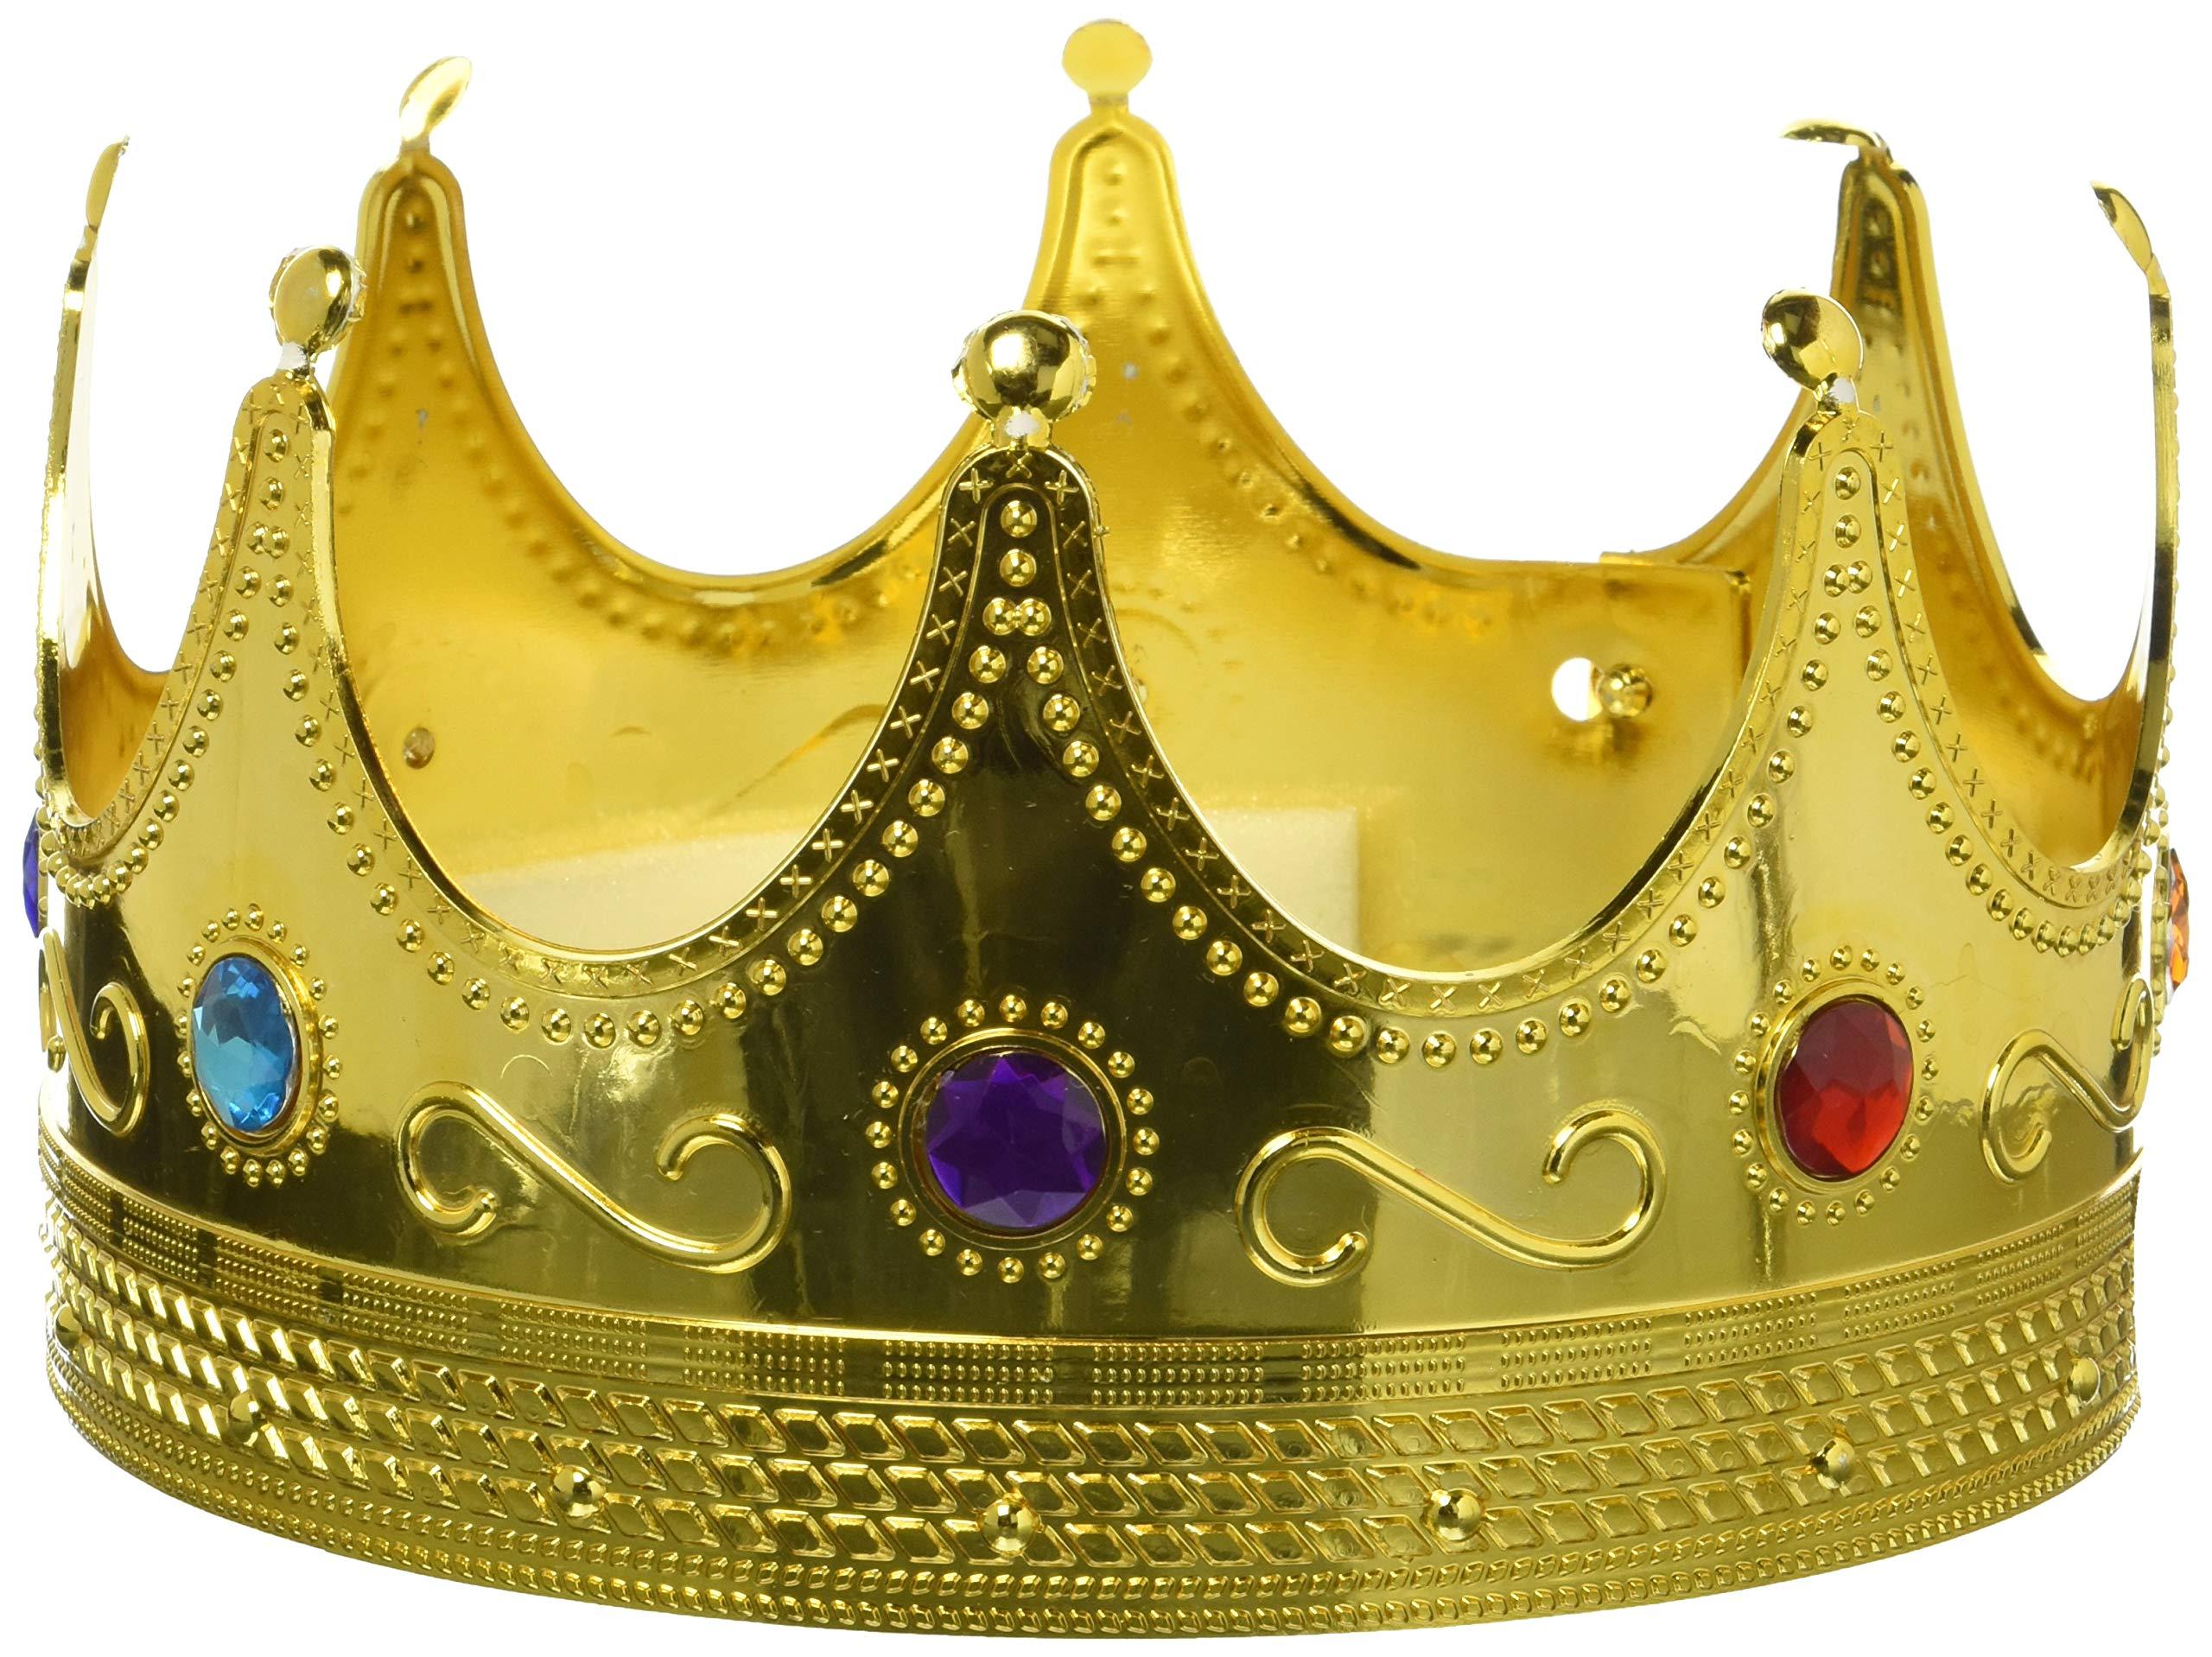 Kangaroo Regal King Crown